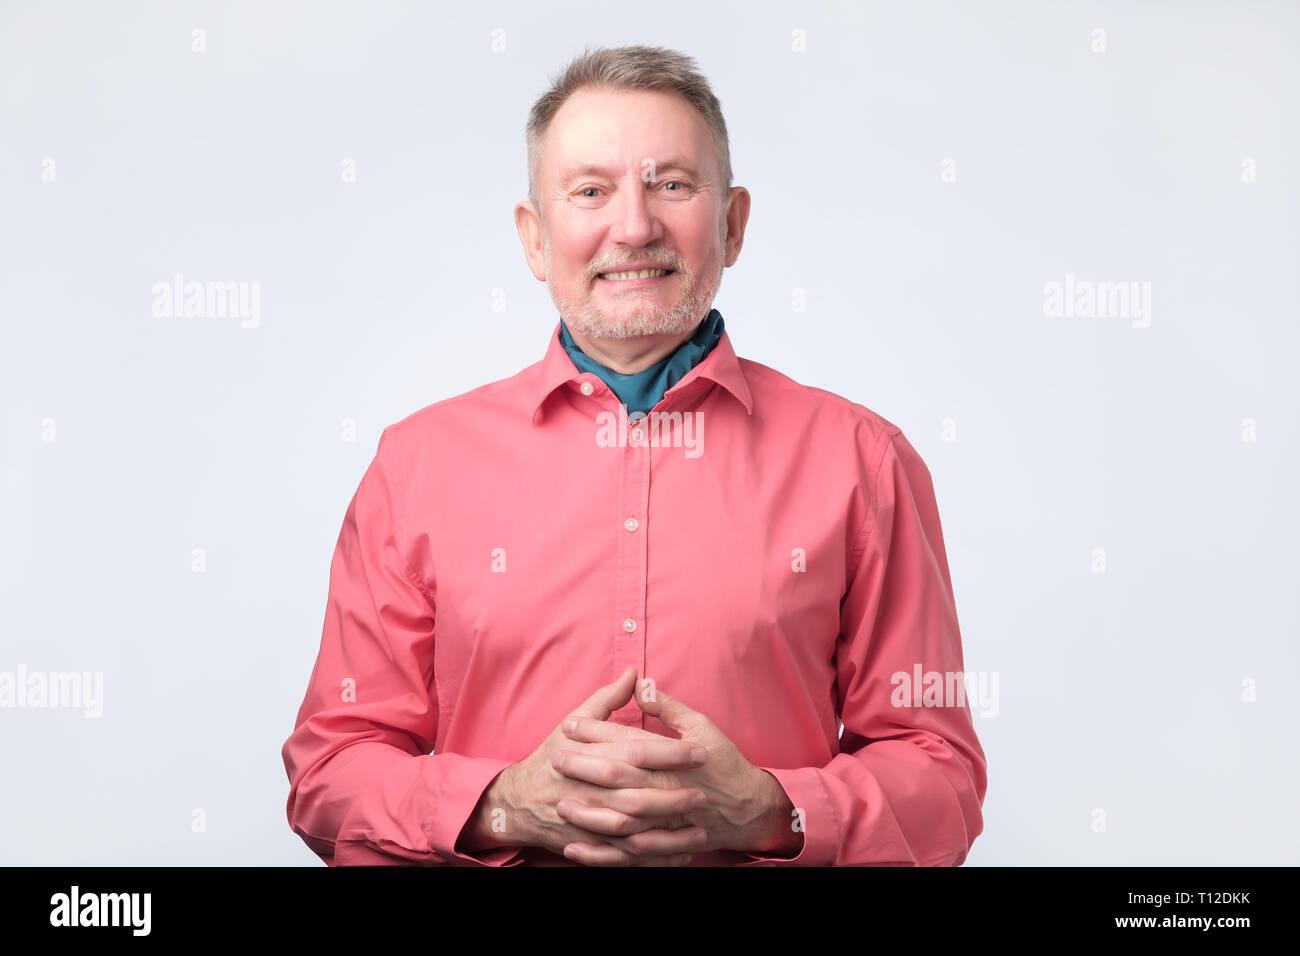 Senior man laughing in red shirt. Studio shoot - Stock Image